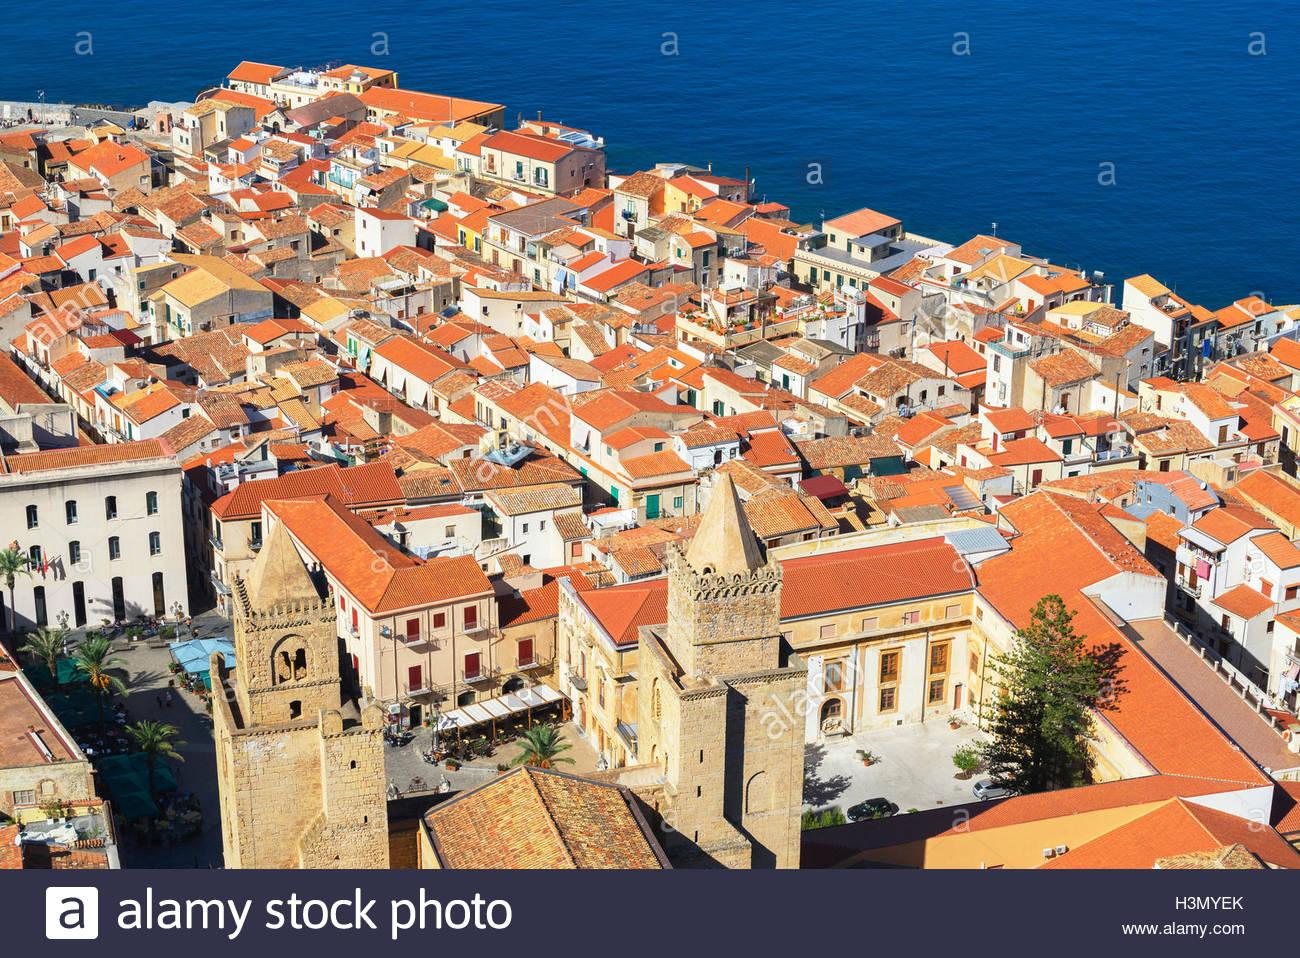 Un alto ángulo de visualización de Cefalu tejados de terracota de La Rocca, Sicilia, Italia Imagen De Stock